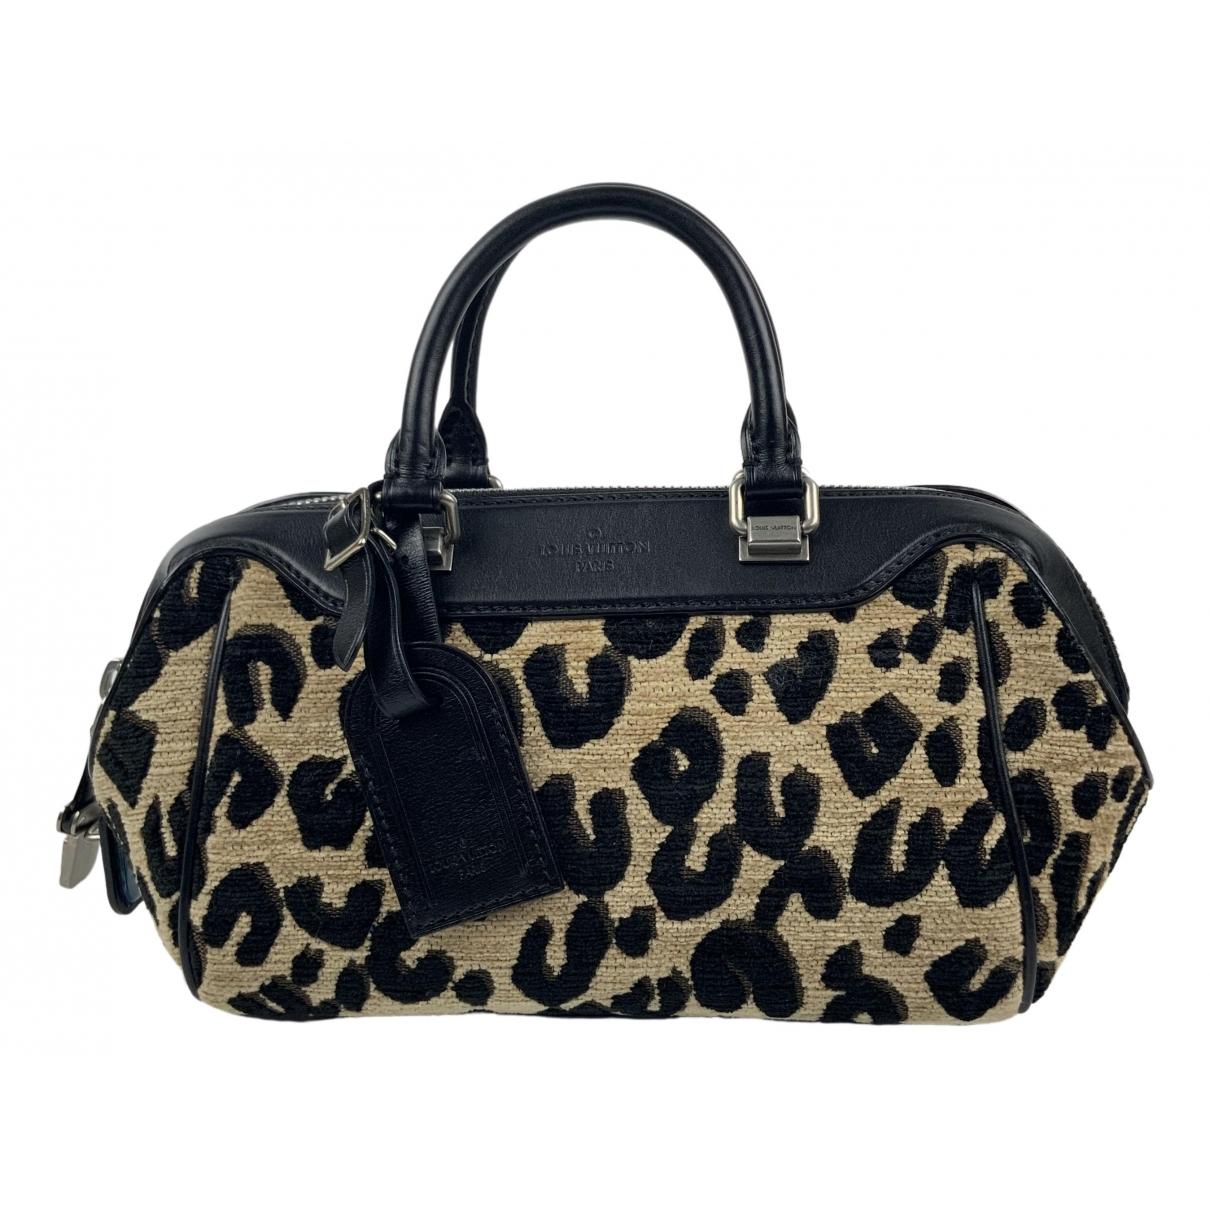 Louis Vuitton Stephen Sprouse Boston Brown Velvet handbag for Women \N